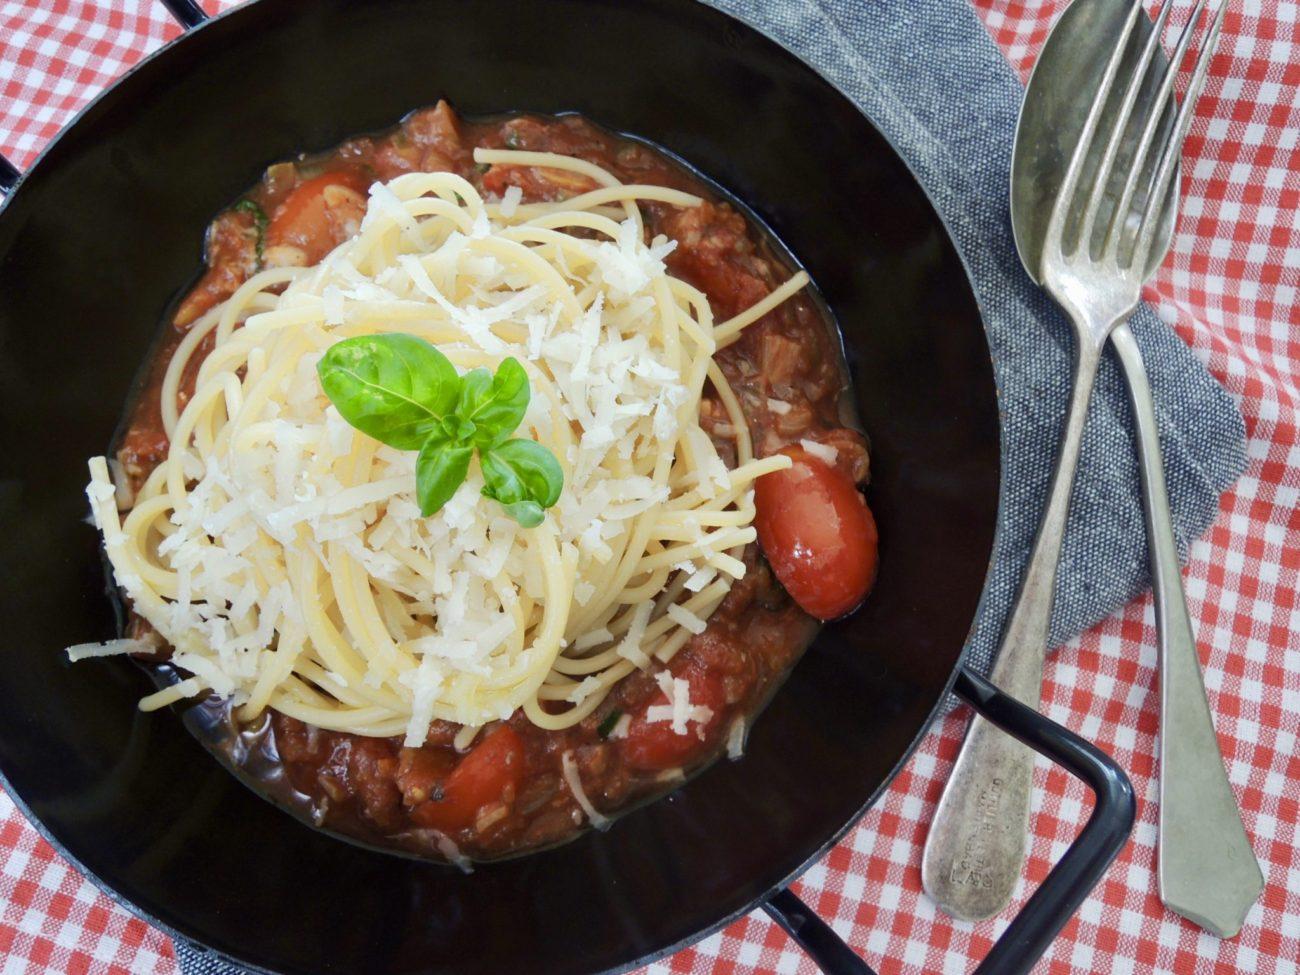 Špagety s omáčkou z tomatů a ančoviček